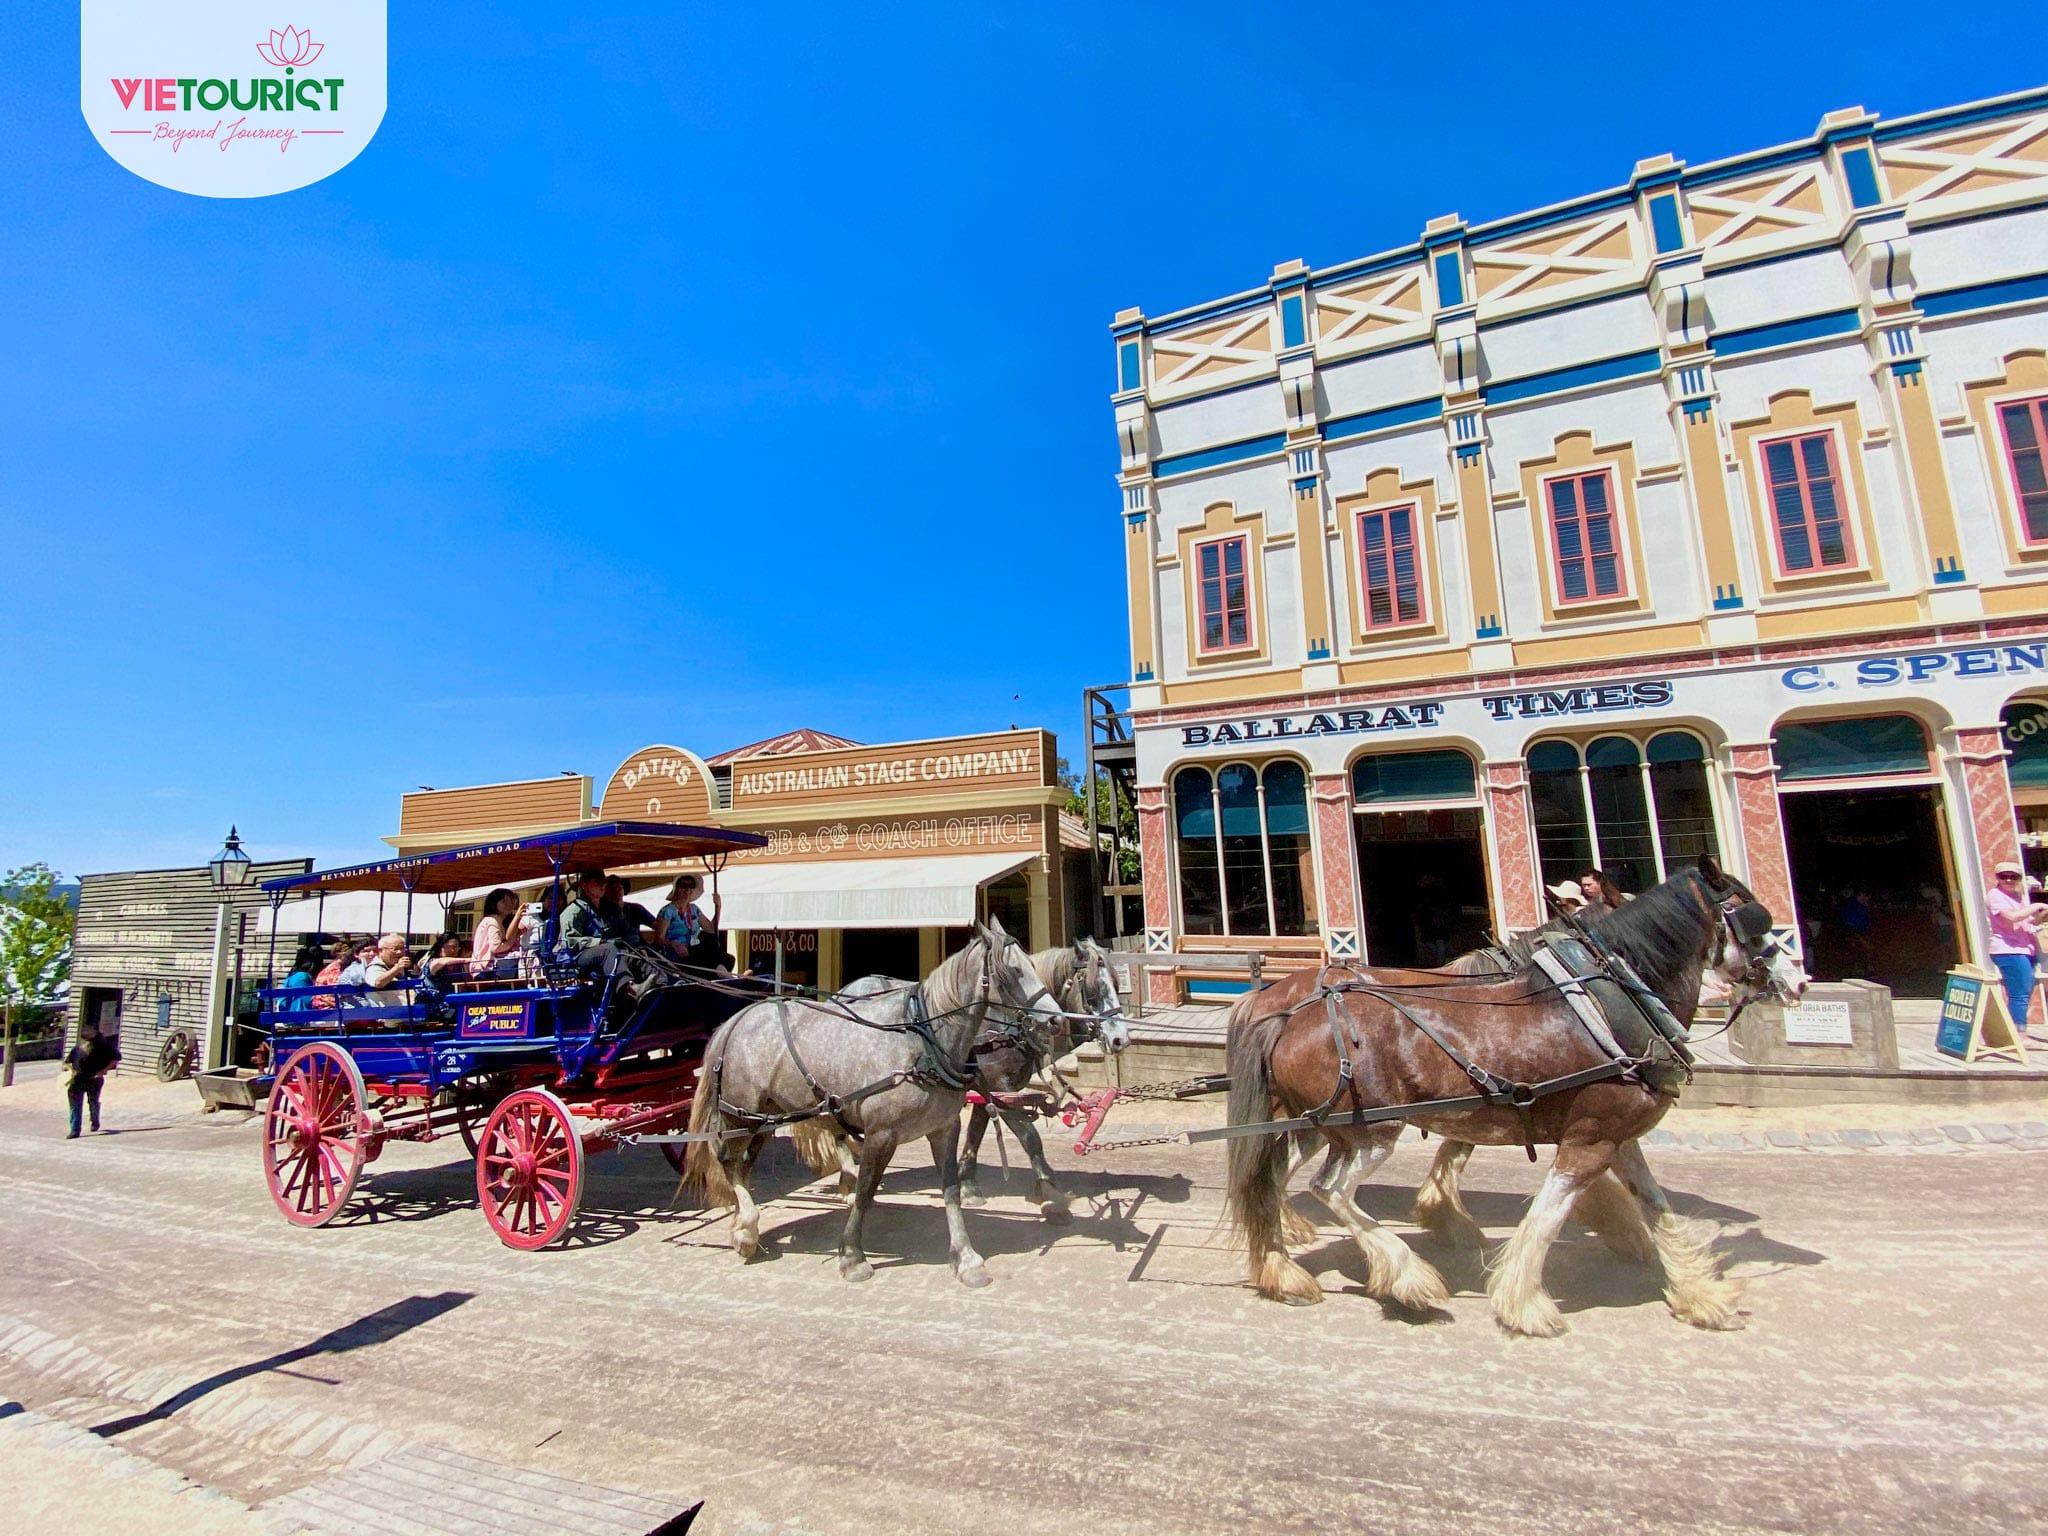 Khách hàng tham gia tour Úc của Vietourist